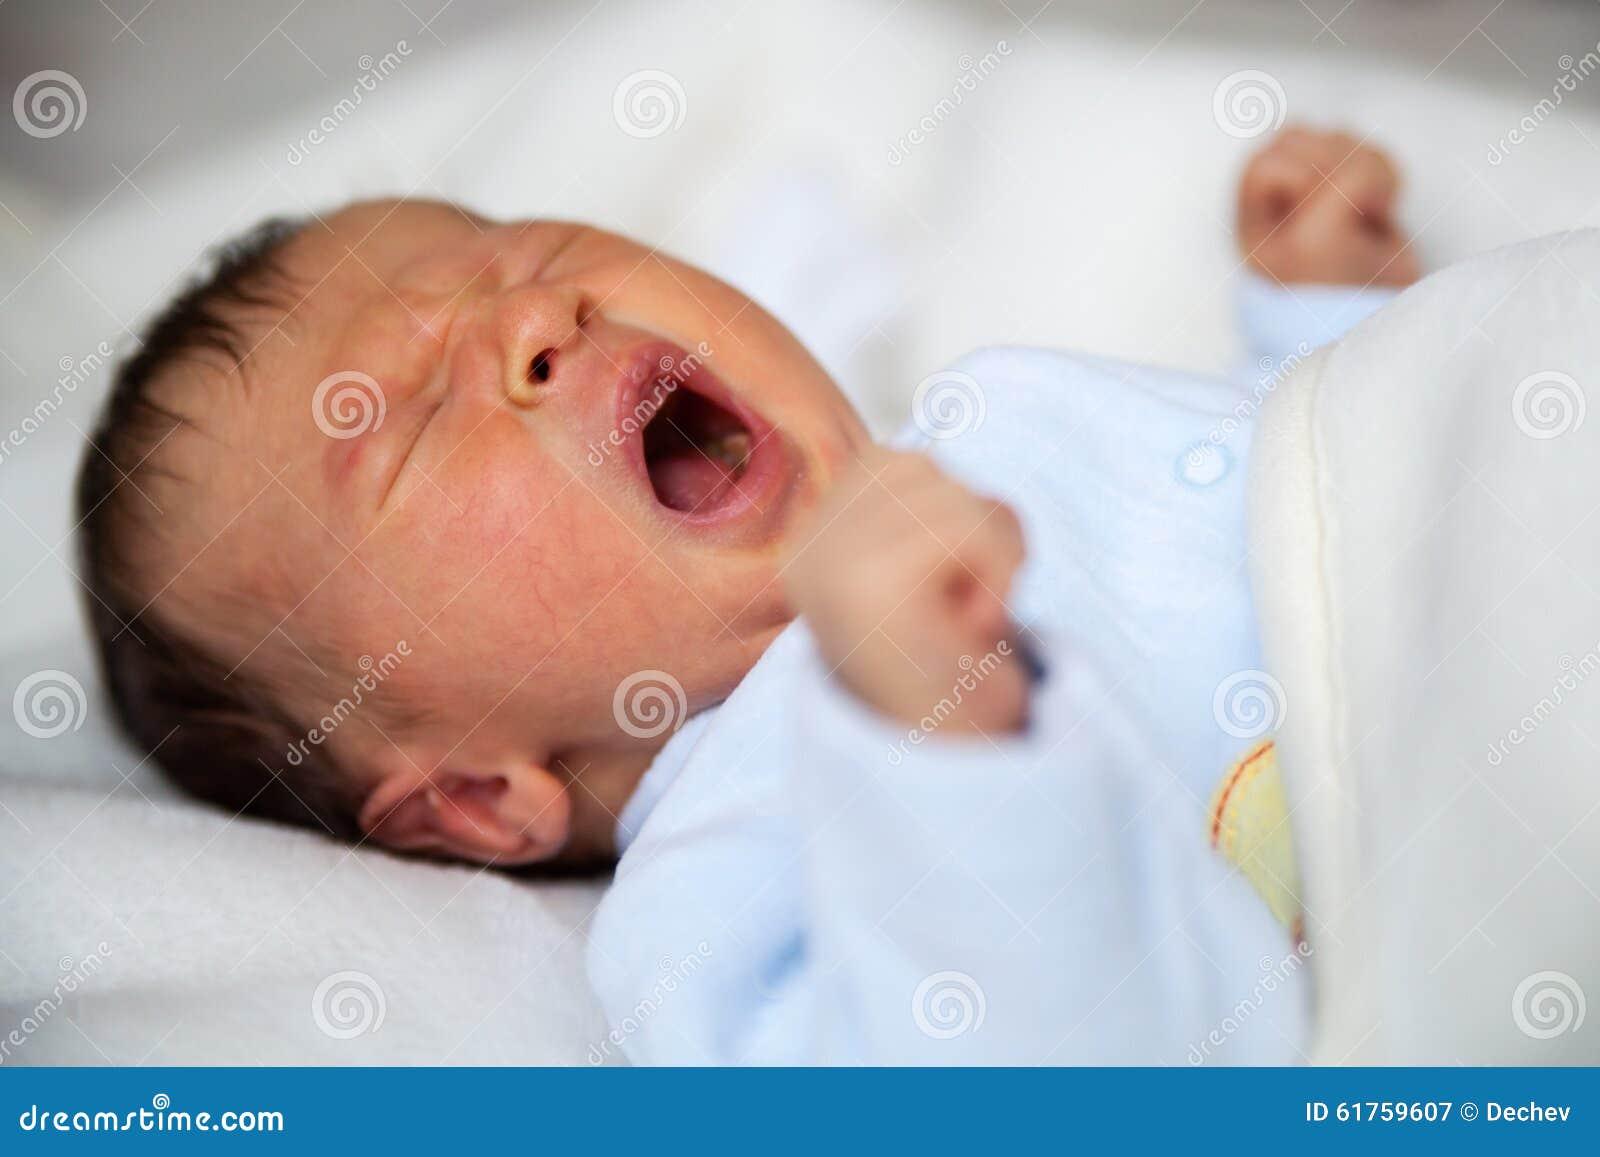 Griterío recién nacido del bebé